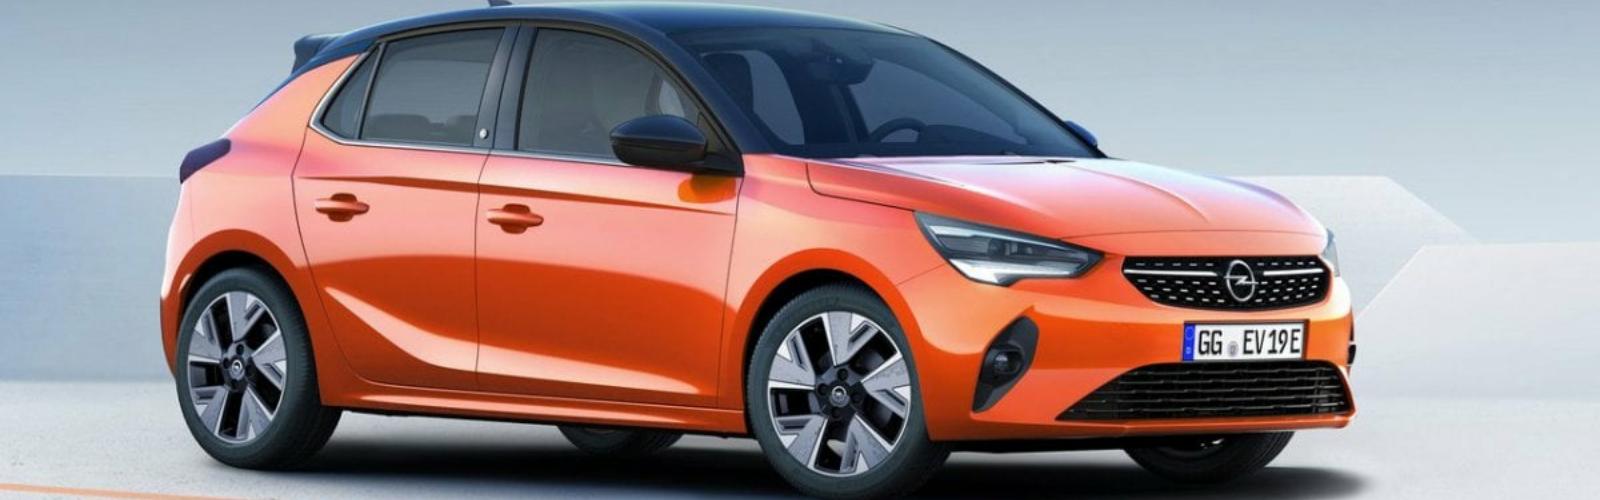 Auto Opel Carlotti Luciano Srl Budrio